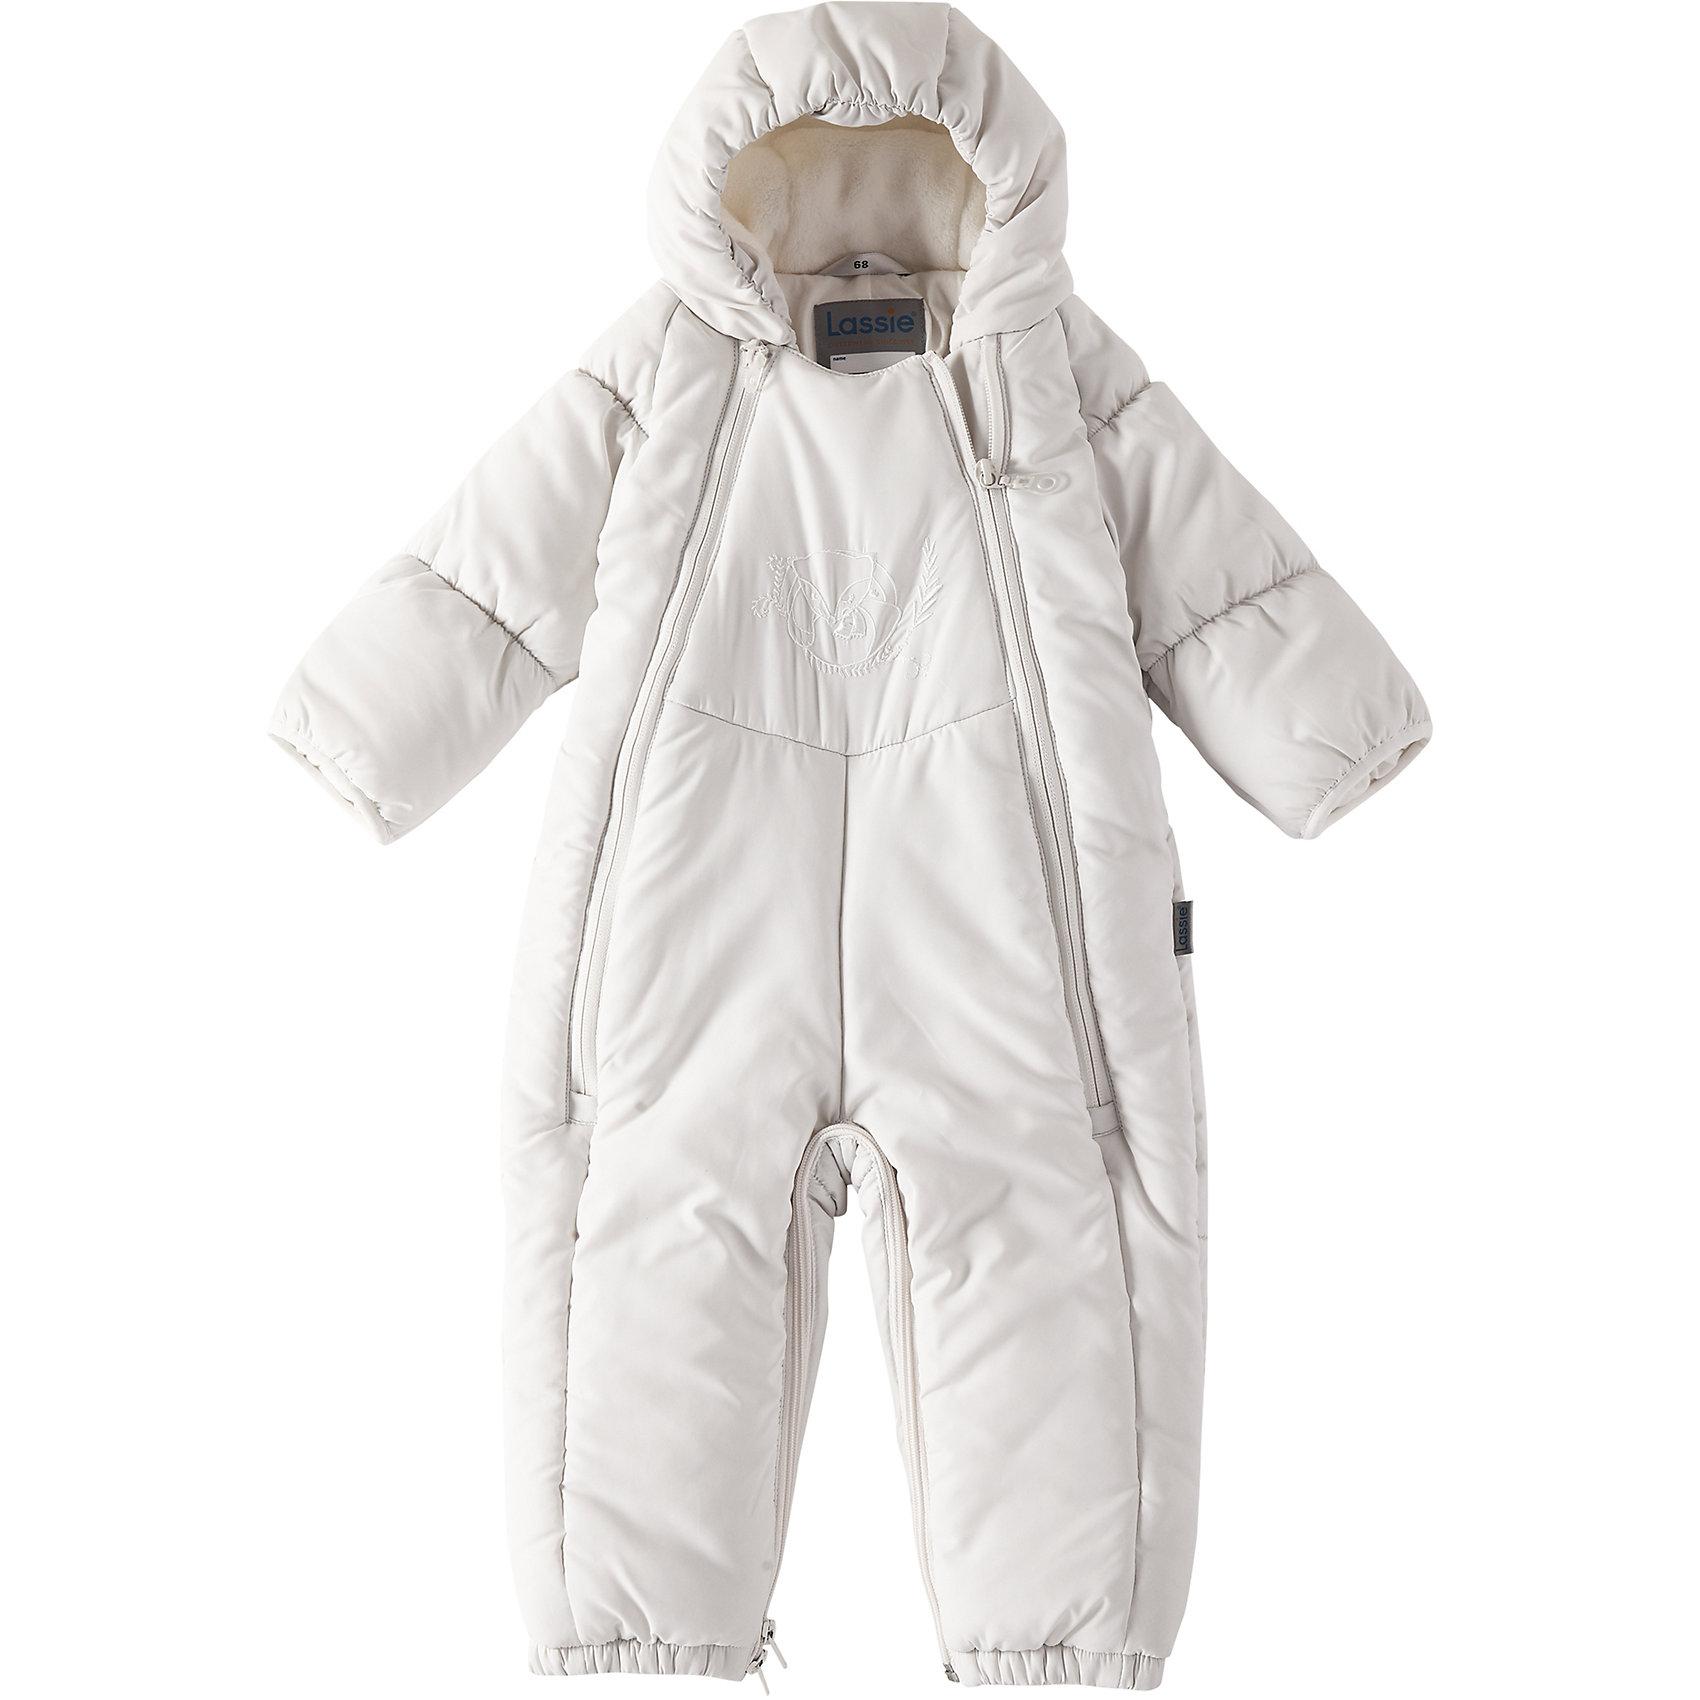 Комбинезон-трансформер LassieВерхняя одежда<br>Характеристики товара:<br><br>• цвет: белый;<br>• состав: 100% полиэстер, полиуретановое покрытие;<br>• подкладка: 100% хлопок, джерси;<br>• утеплитель: 200 г/м2;<br>• сезон: зима;<br>• температурный режим: от 0 до -20С;<br>• водонепроницаемость: 1000 мм;<br>• воздухопроницаемость: 2000 мм;<br>• износостойкость: 15000 циклов (тест Мартиндейла)<br>• застежка: молния с защитой подбородка;<br>• водоотталкивающий, ветронепроницаемый и дышащий материал;<br>• превращается в спальный мешок;<br>• гладкая, приятная на ощупь подкладка из джерси (хлопок);<br>• эластичные манжеты; <br>• рукава с подгибом;<br>• эластичные штанины;<br>• съемные эластичные штрипки;<br>• светоотражающие детали;<br>• страна бренда: Финляндия;<br>• страна изготовитель: Китай;<br><br>Этот прелестный зимний комбинезон для новорожденных и малышей – идеальное решение для холодных зимних деньков! Он легко превращается в конверт.Комбинезон изготовлен из водоотталкивающего и ветронепроницаемого материала. Красивая мягкая внутренняя подкладка из смеси хлопка приятна к телу и обеспечивает дополнительное утепление, а длинные молнии спереди облегчают надевание. Полезные детали: съемные штрипки, благодаря которым брючины не будут подскакивать, и безопасный съемный капюшон.<br><br>Комбинезон Lassie (Ласси) можно купить в нашем интернет-магазине.<br><br>Ширина мм: 356<br>Глубина мм: 10<br>Высота мм: 245<br>Вес г: 519<br>Цвет: белый<br>Возраст от месяцев: 12<br>Возраст до месяцев: 15<br>Пол: Унисекс<br>Возраст: Детский<br>Размер: 80,62,68,74<br>SKU: 6905348